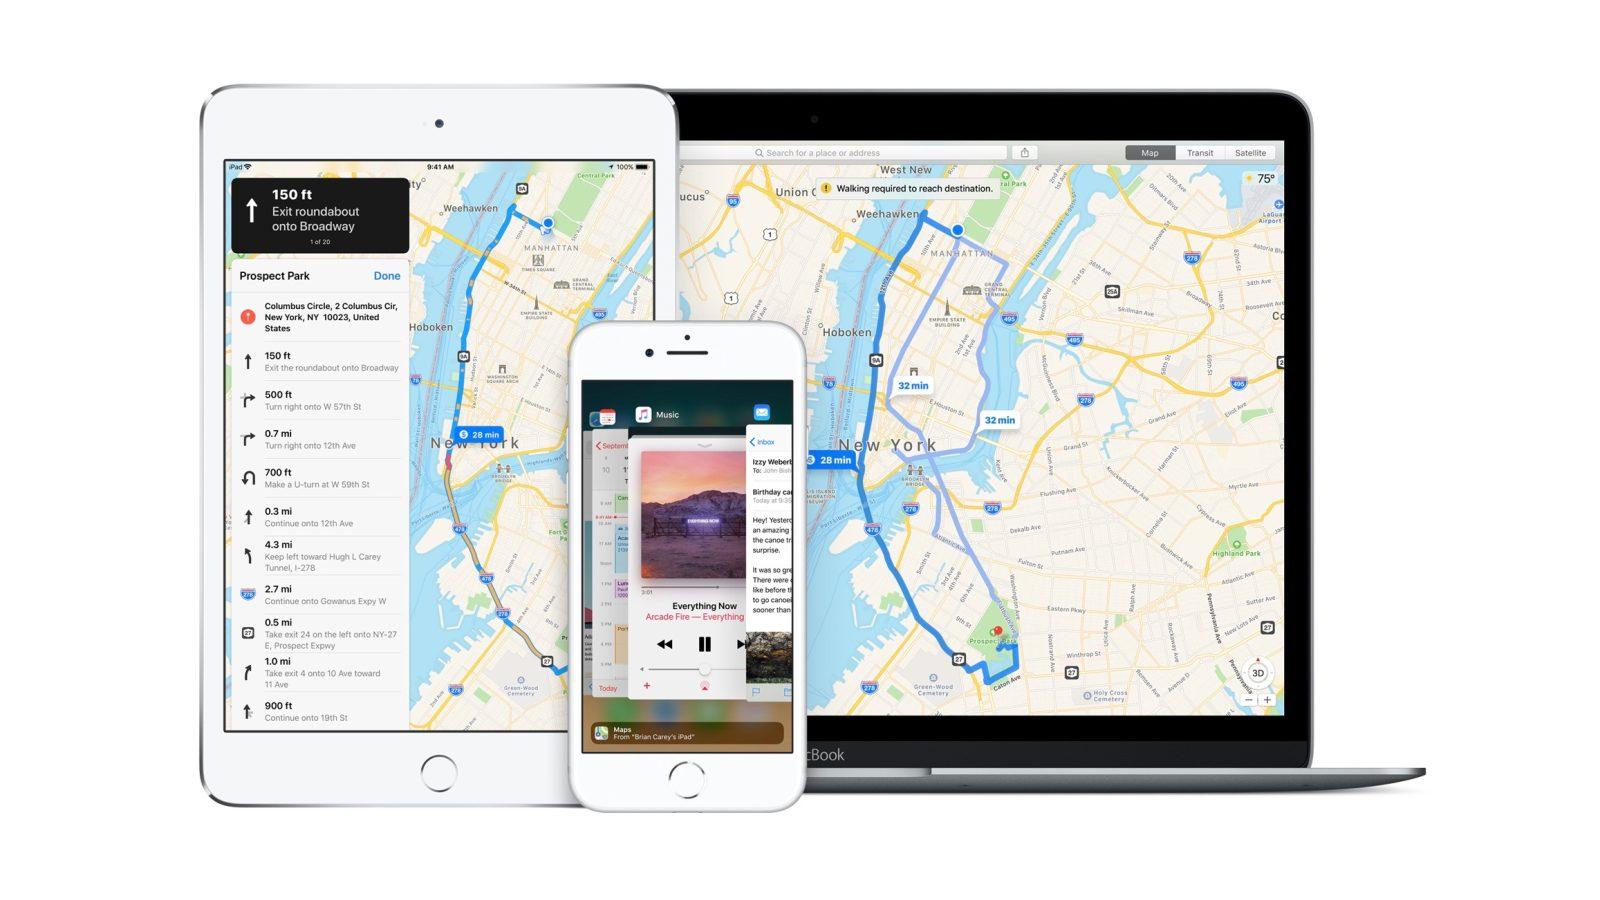 Cara Berbagi Lokasi Langsung Anda di iPhone